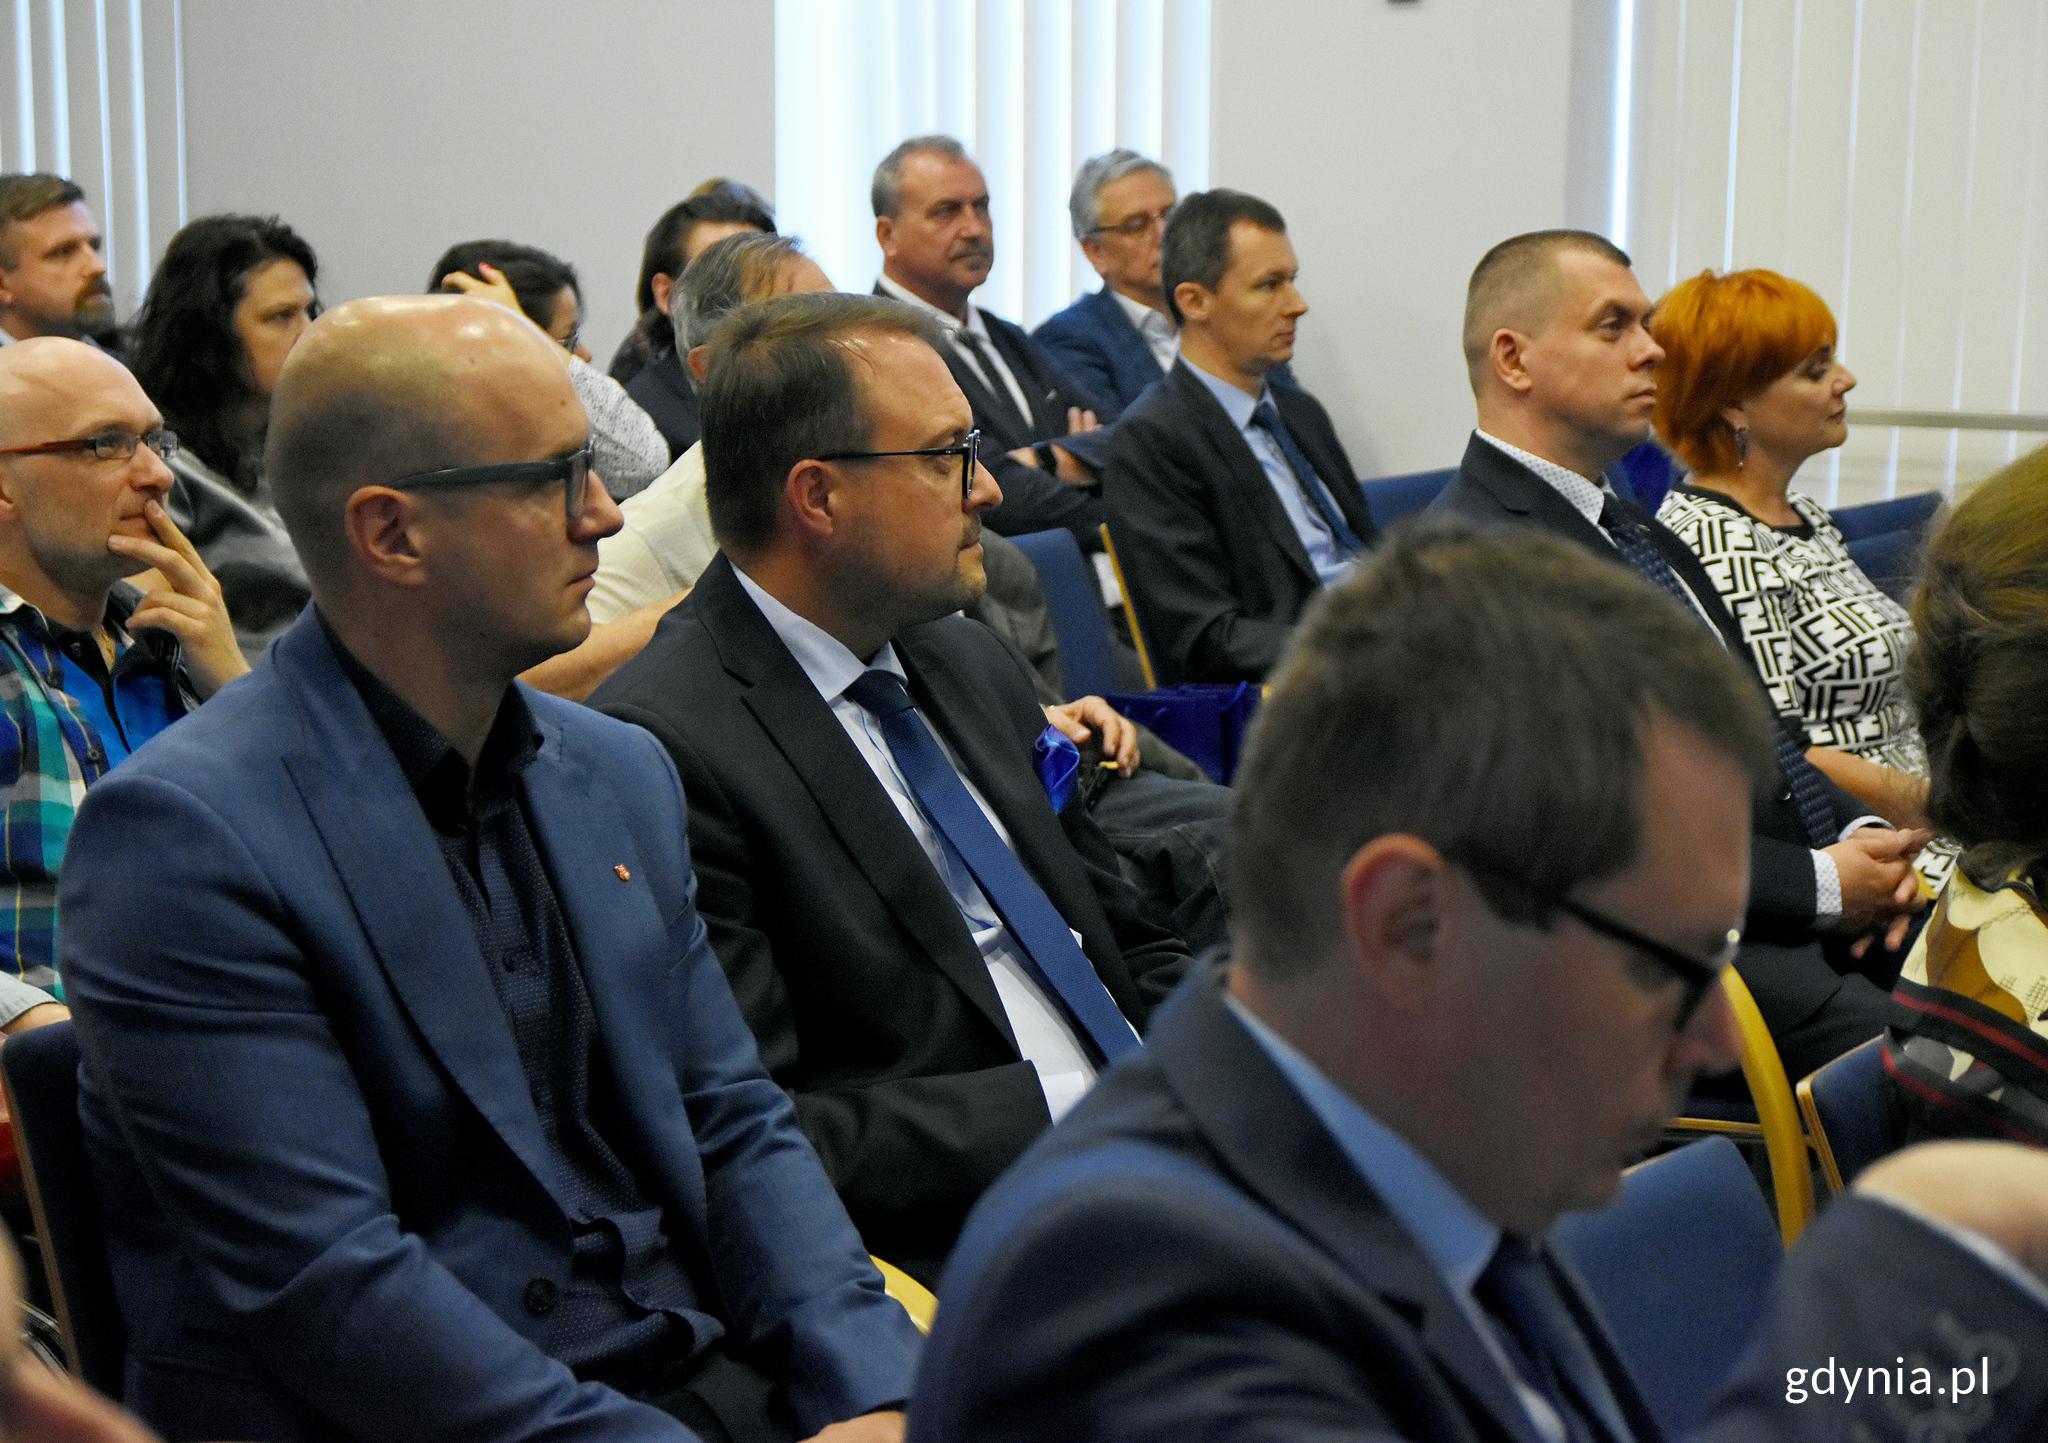 W konferencji z ramienia miasta uczestniczył też wiceprezydent Gdyni ds. rozwoju, Marek Łucyk, fot. Kamil Złoch